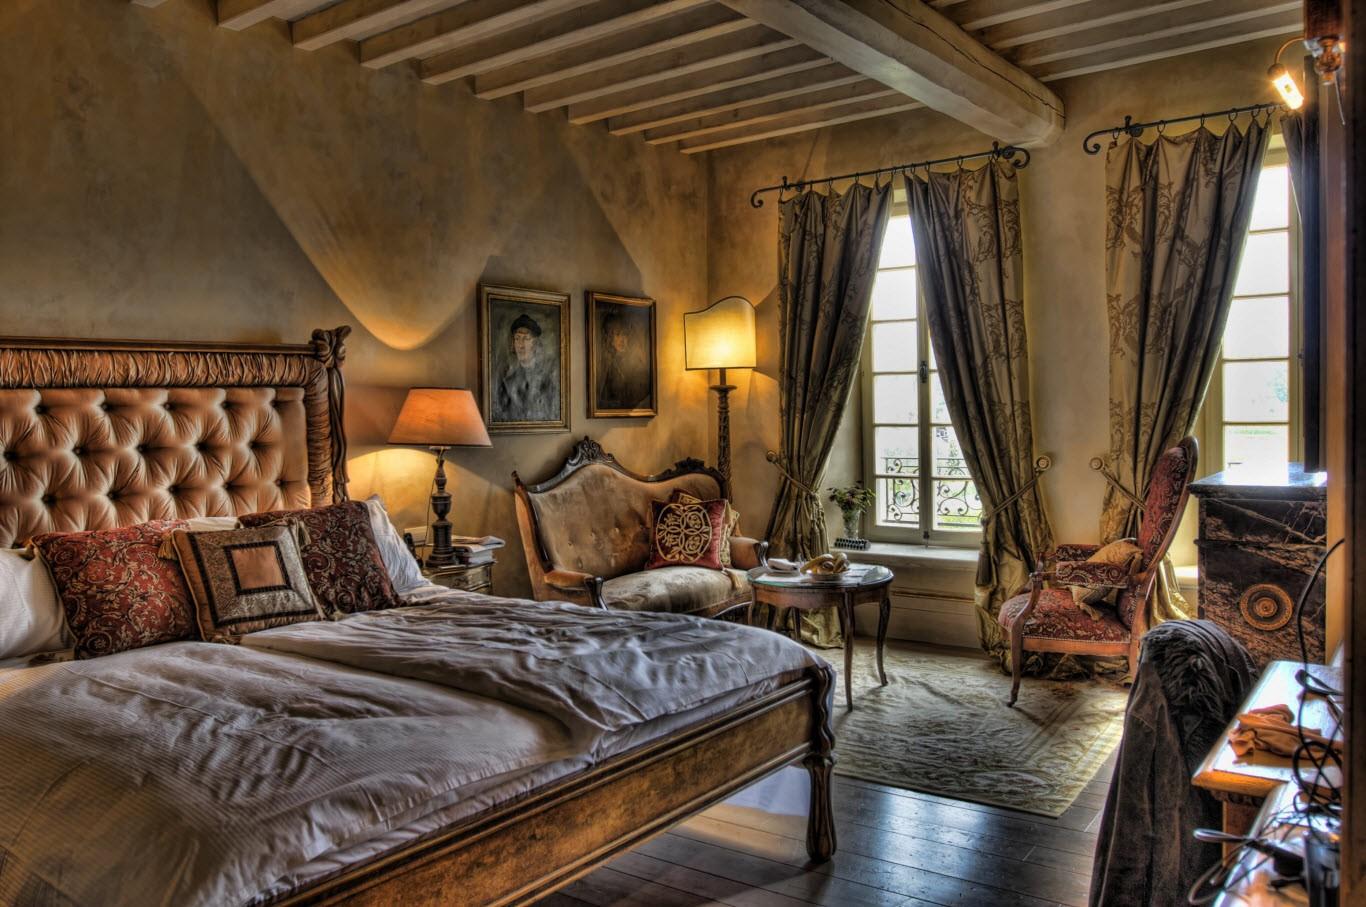 Hintergrundbilder : Natur, Zimmer, drinnen, Schlafzimmer ...